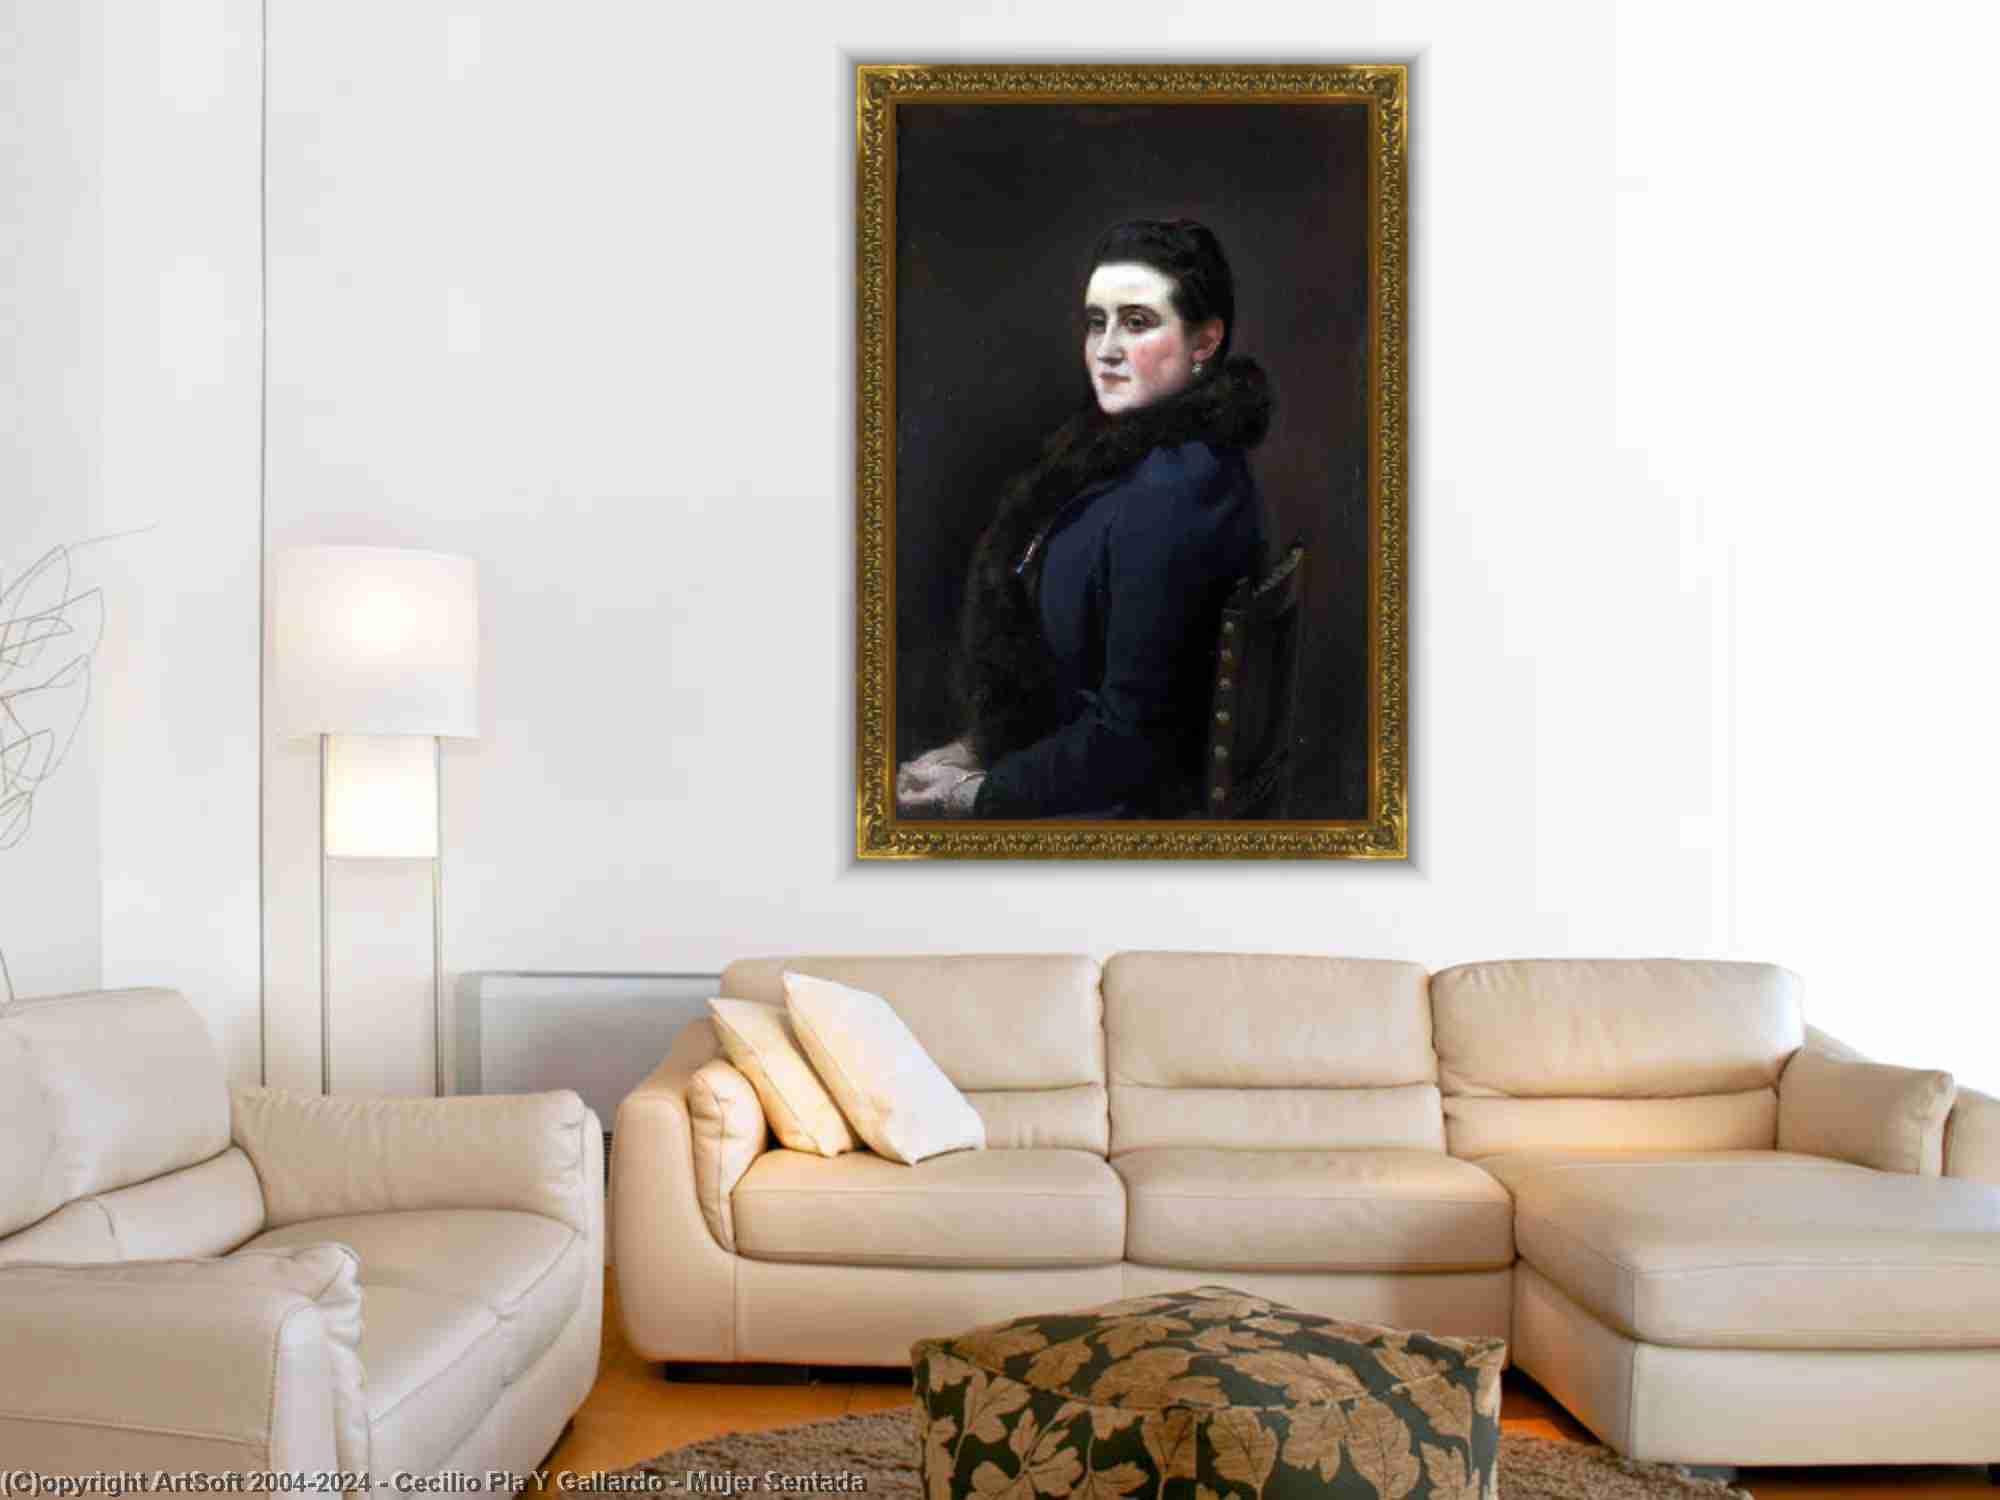 Cecilio Pla Y Gallardo - Mujer Sentada